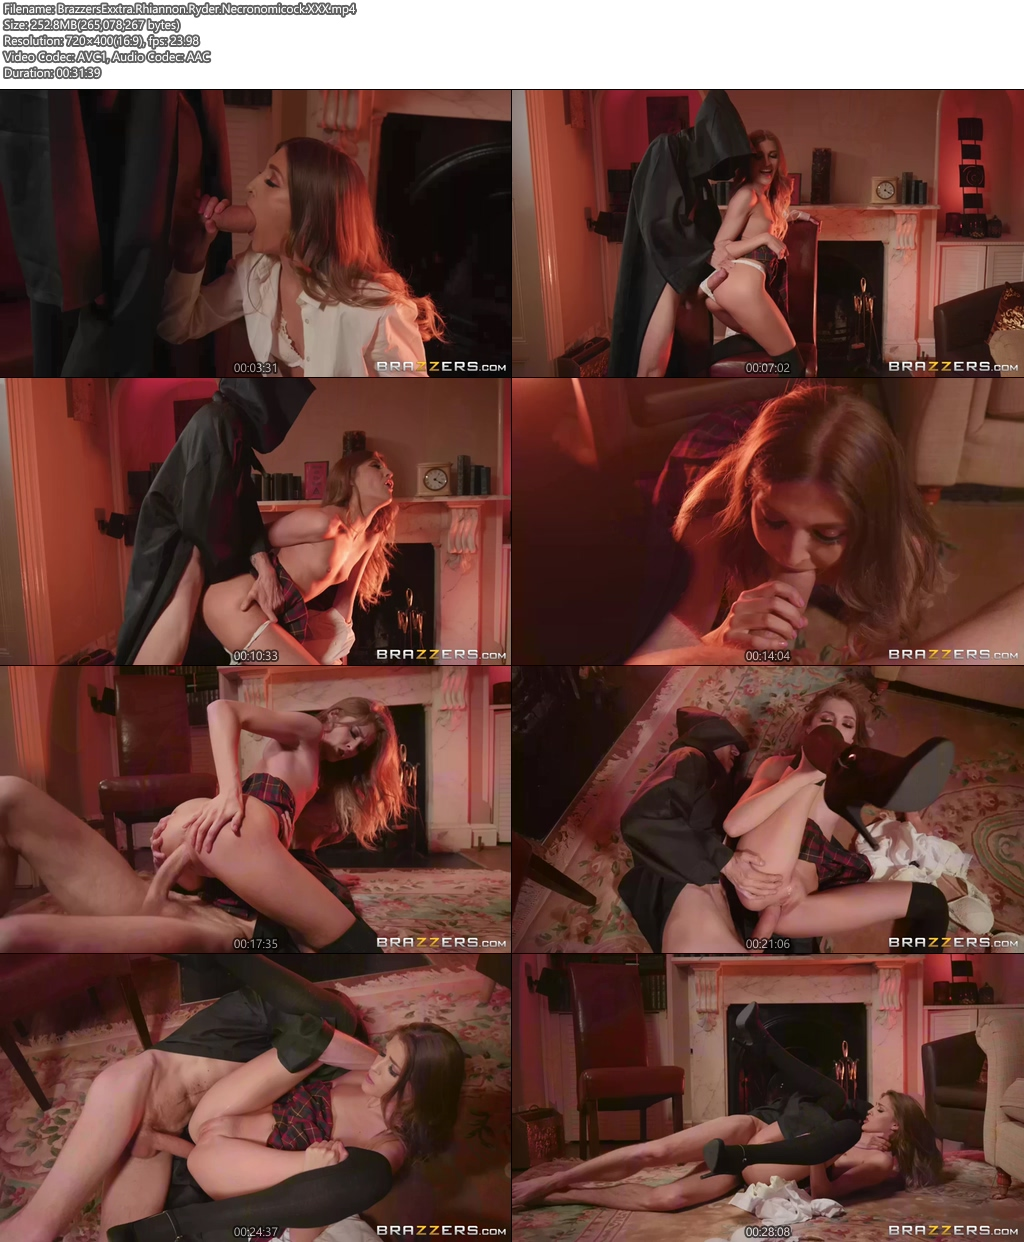 [18+] BrazzersExxtra Rhiannon Ryder Necronomicock XXX Screenshot